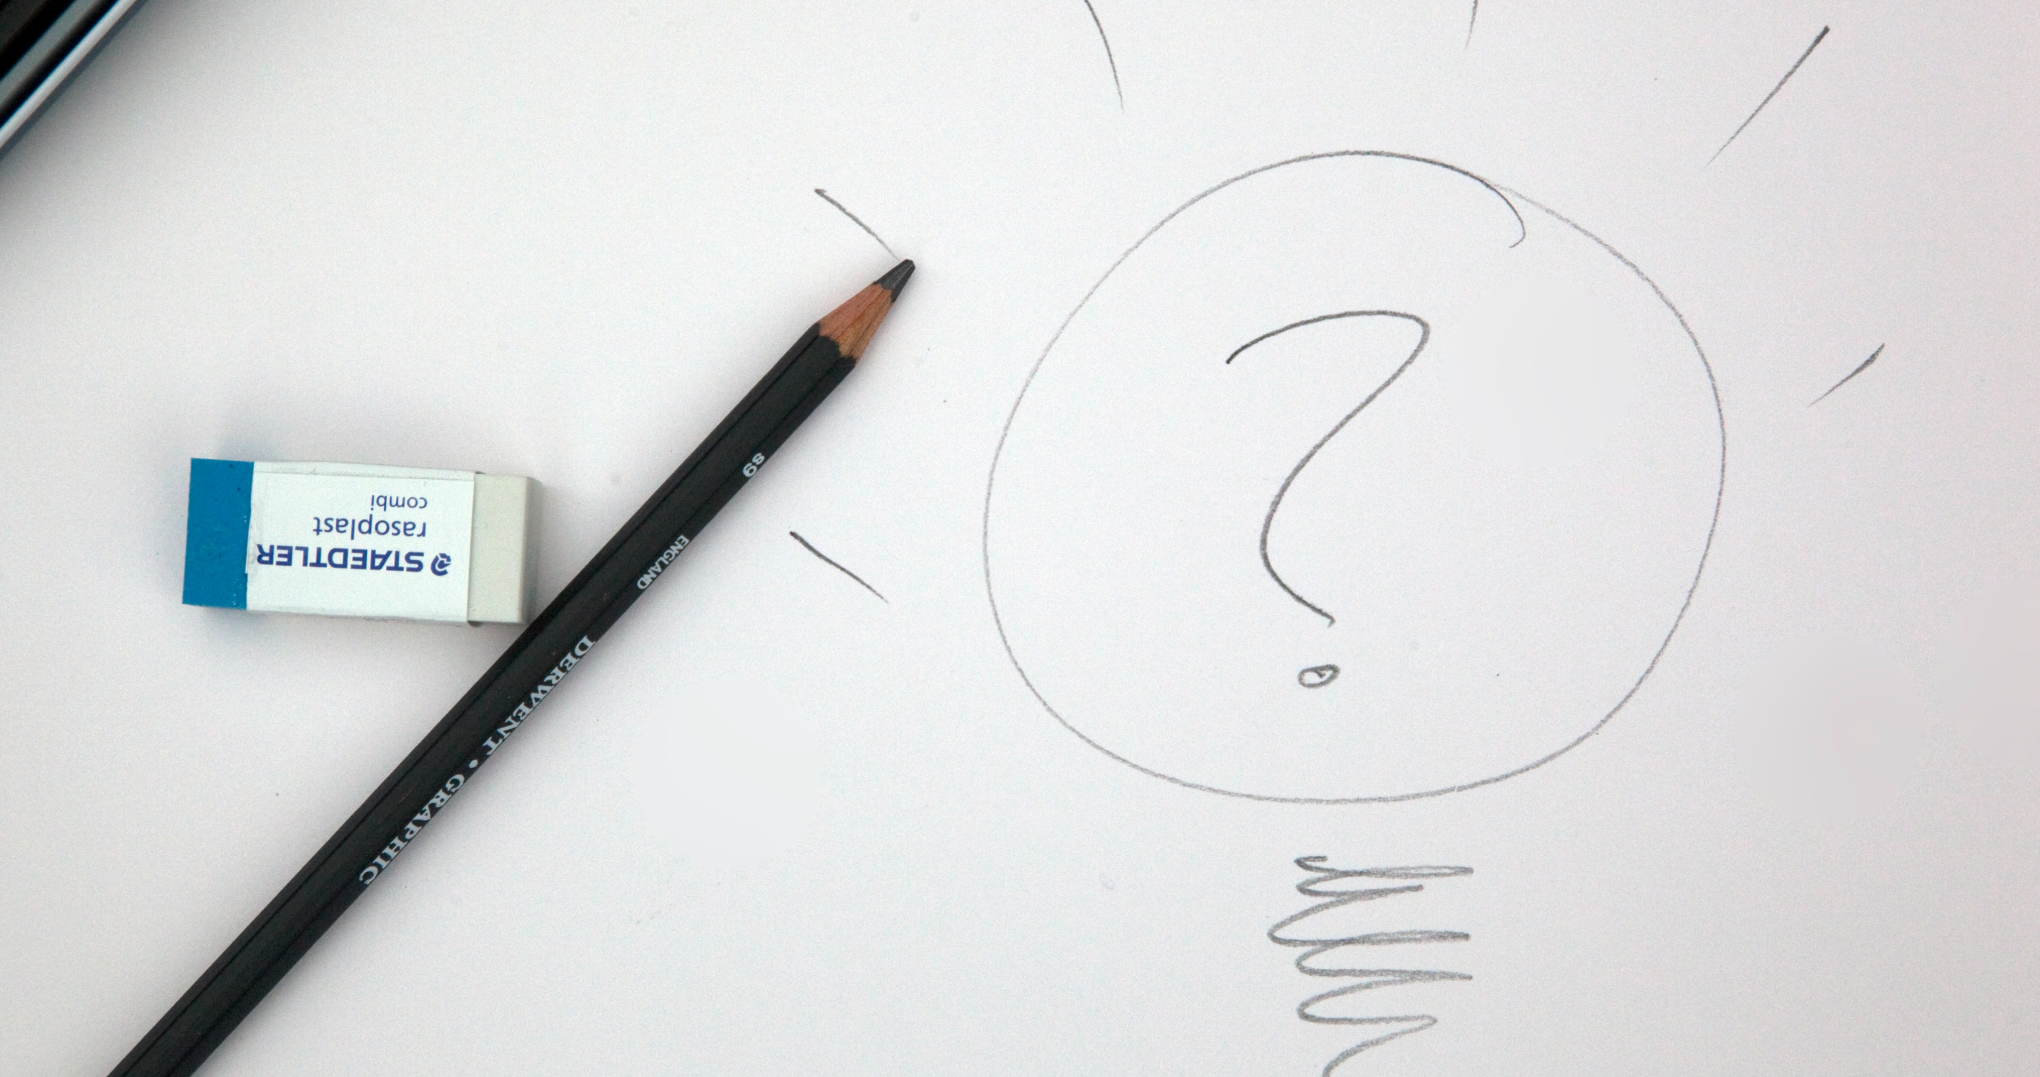 Comment remédier à l'obsolescence des compétences ?